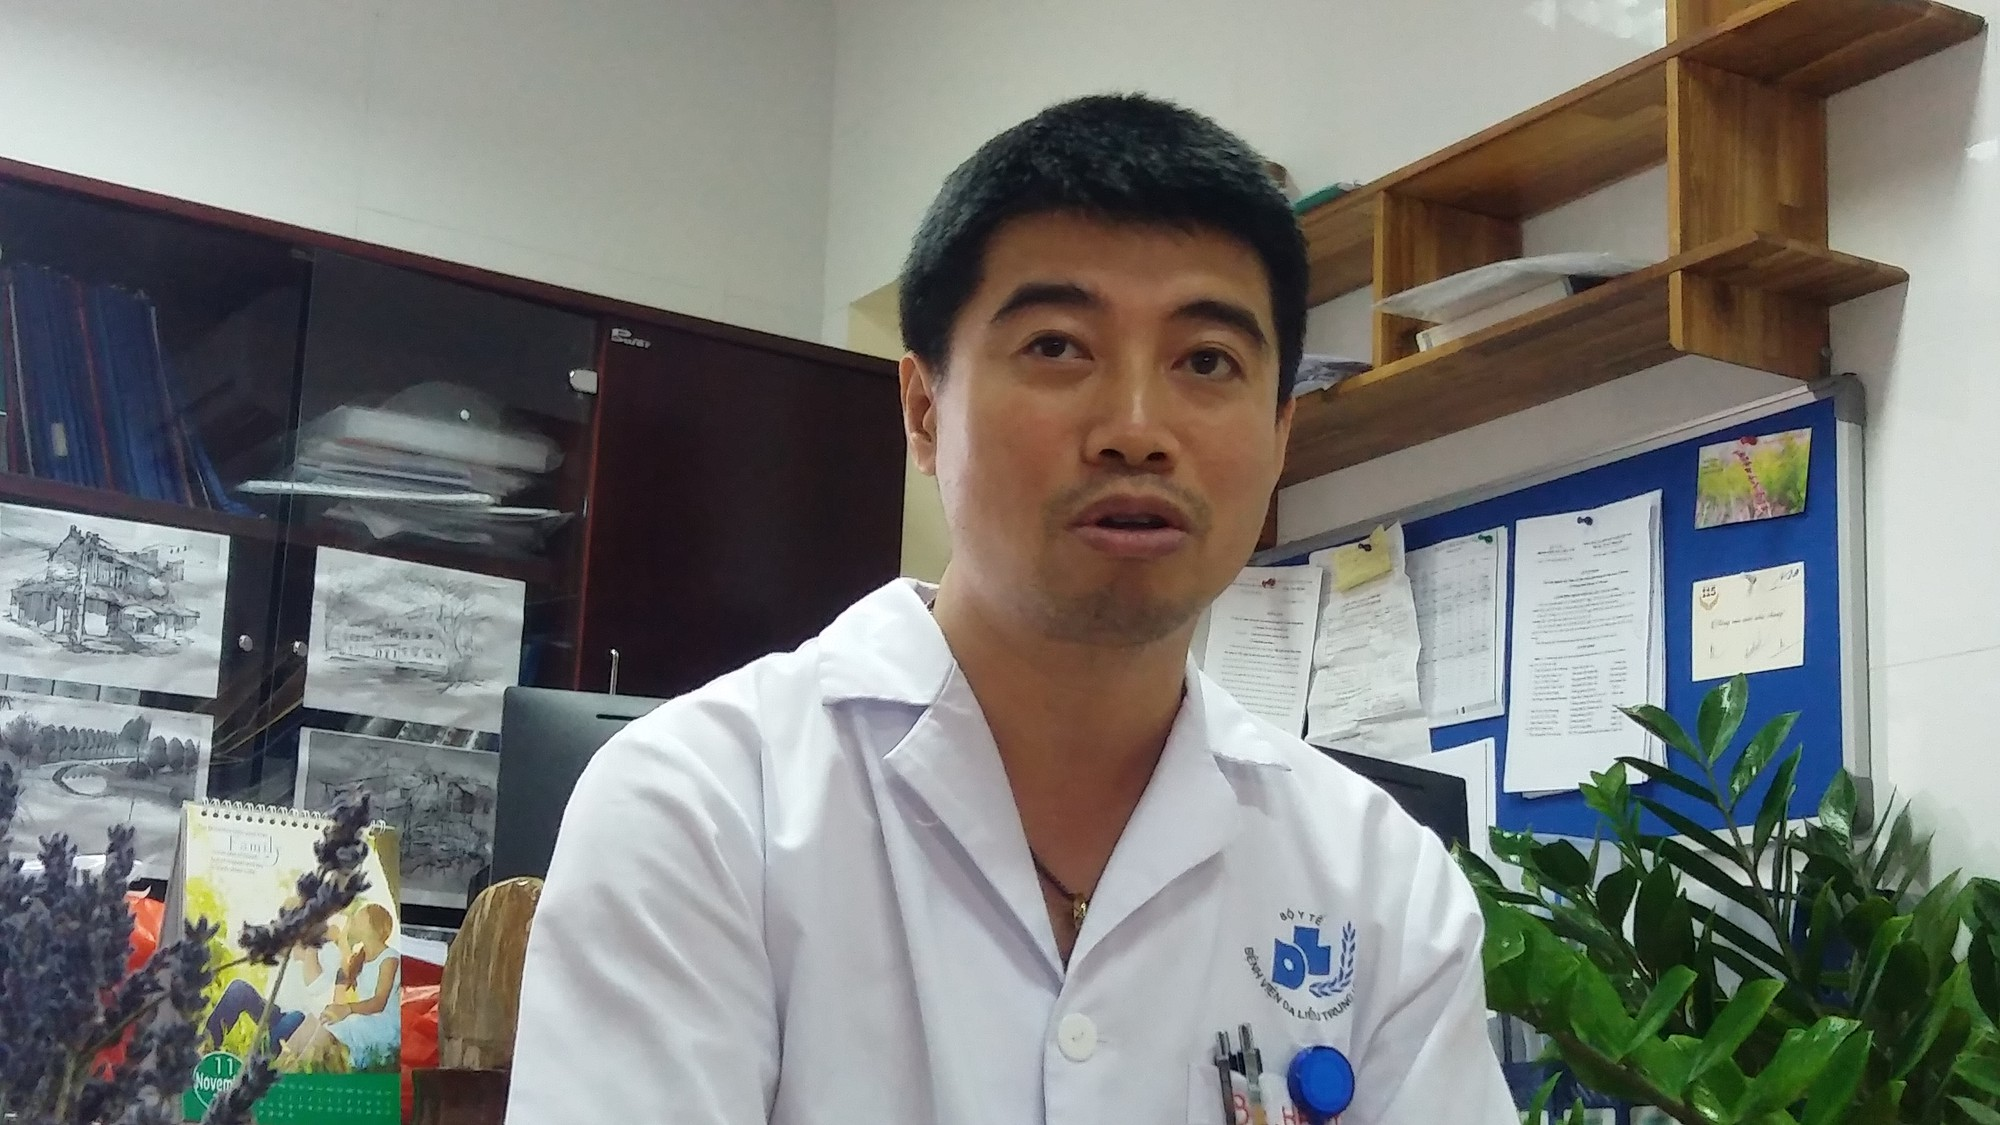 Hà Nội: Dùng kem trộn, một phụ nữ bị lột sạch da mặt, mất hàng trăm triệu điều trị nhưng chỉ phục hồi được 30-40% - Ảnh 4.